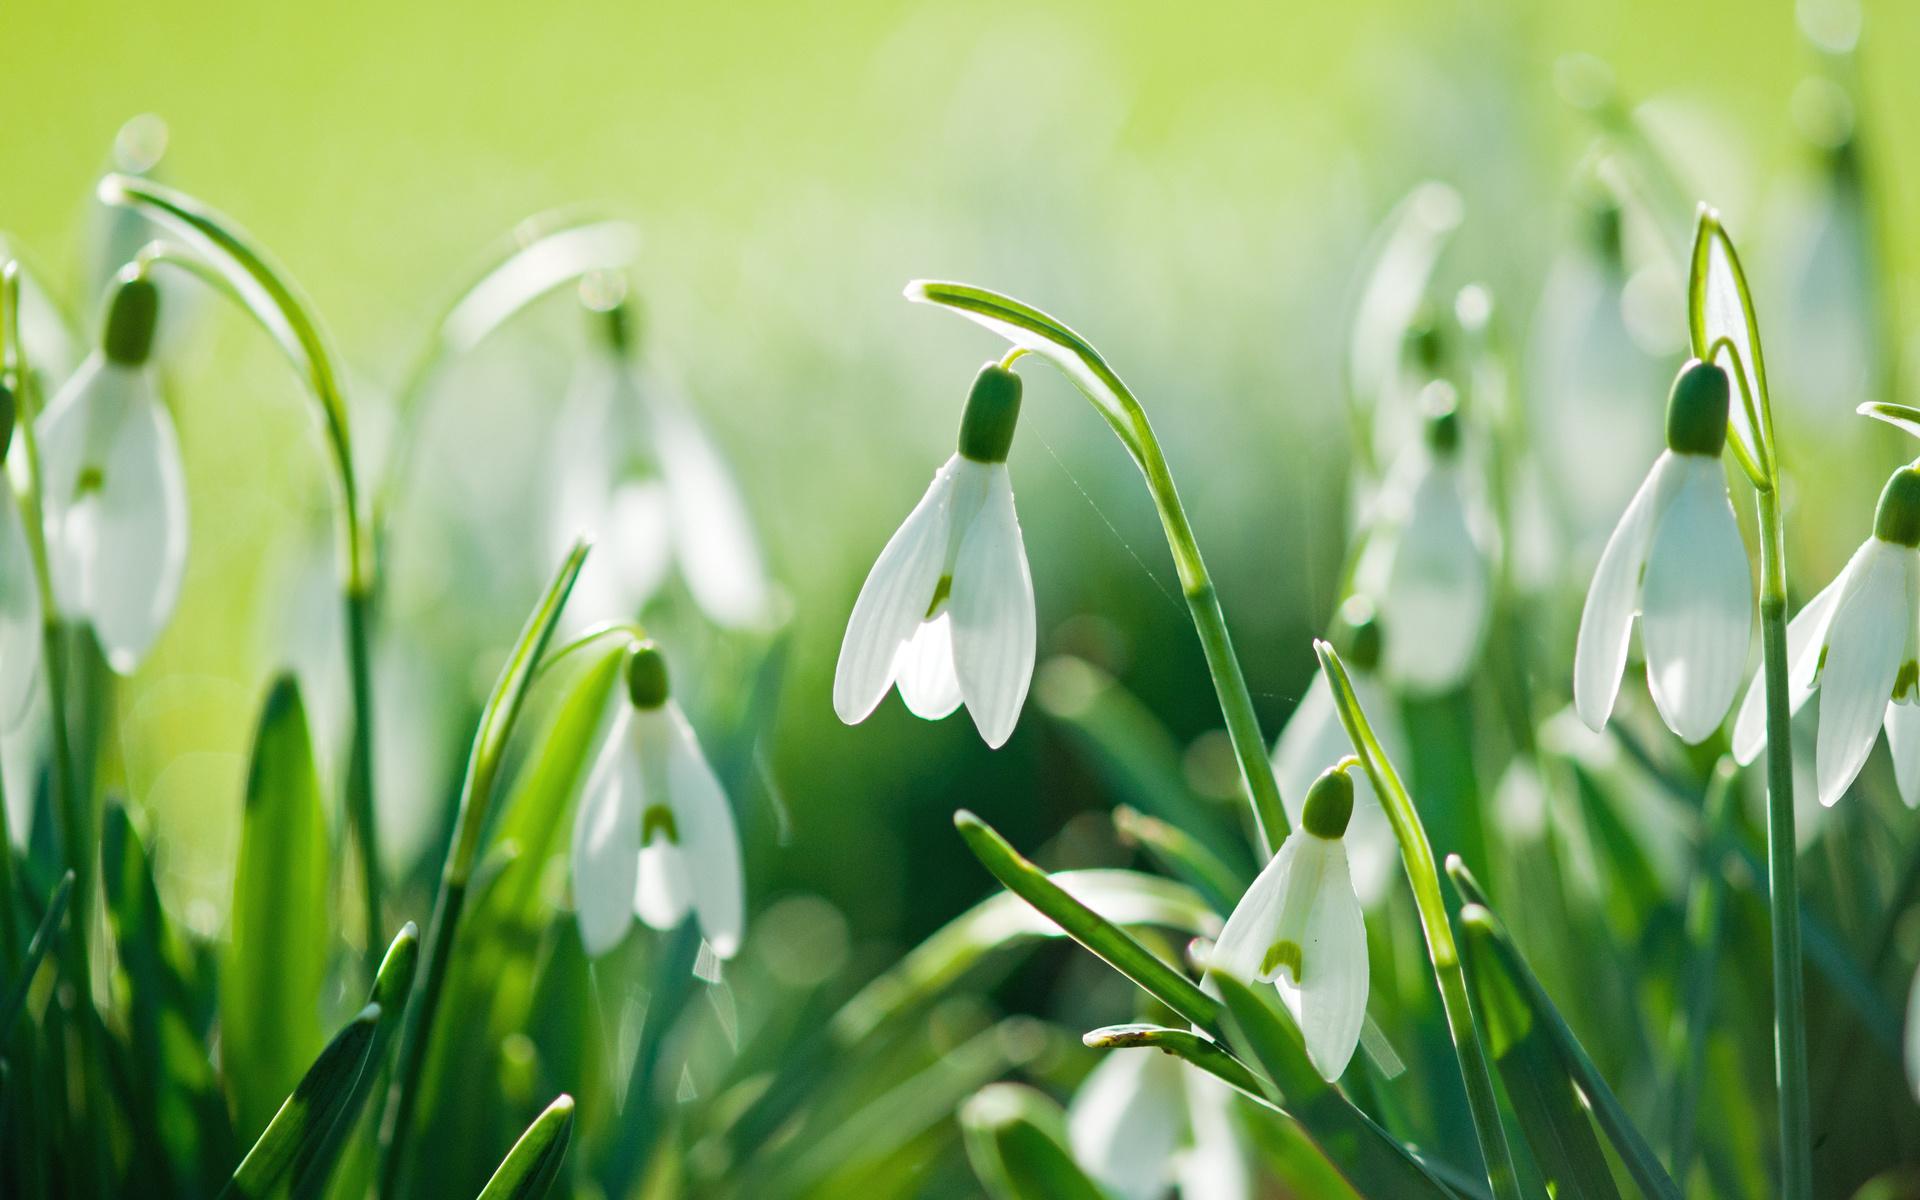 картинки ранней весны на телефон обратим внимание стиль